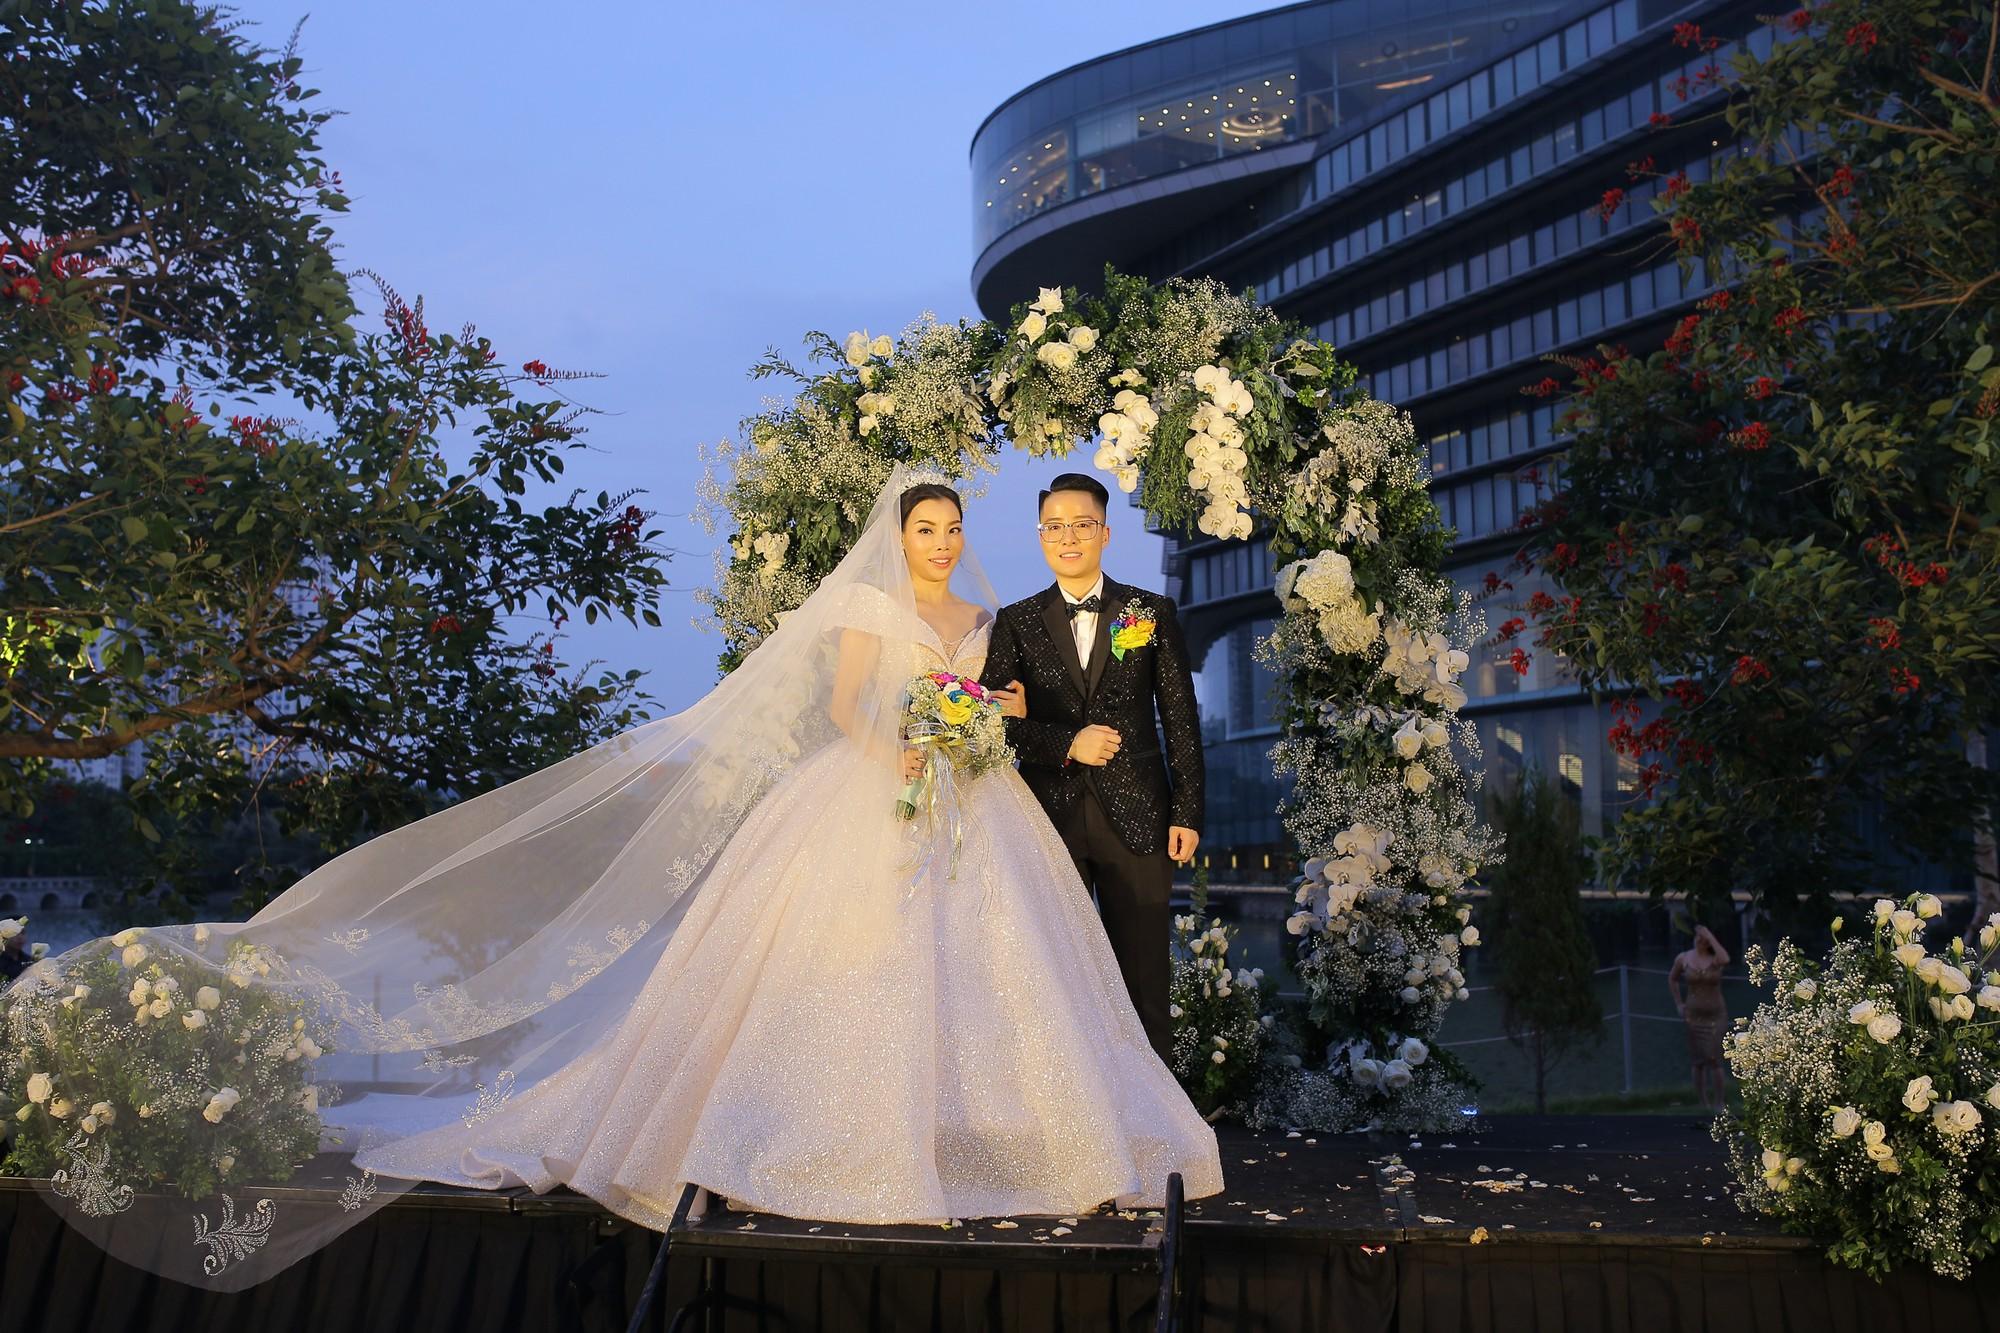 9X chuyển giới Tú Lơ Khơ cưới vợ hơn 21 tuổi, tiết lộ đang trong quá trình chuẩn bị có con chung - Ảnh 5.